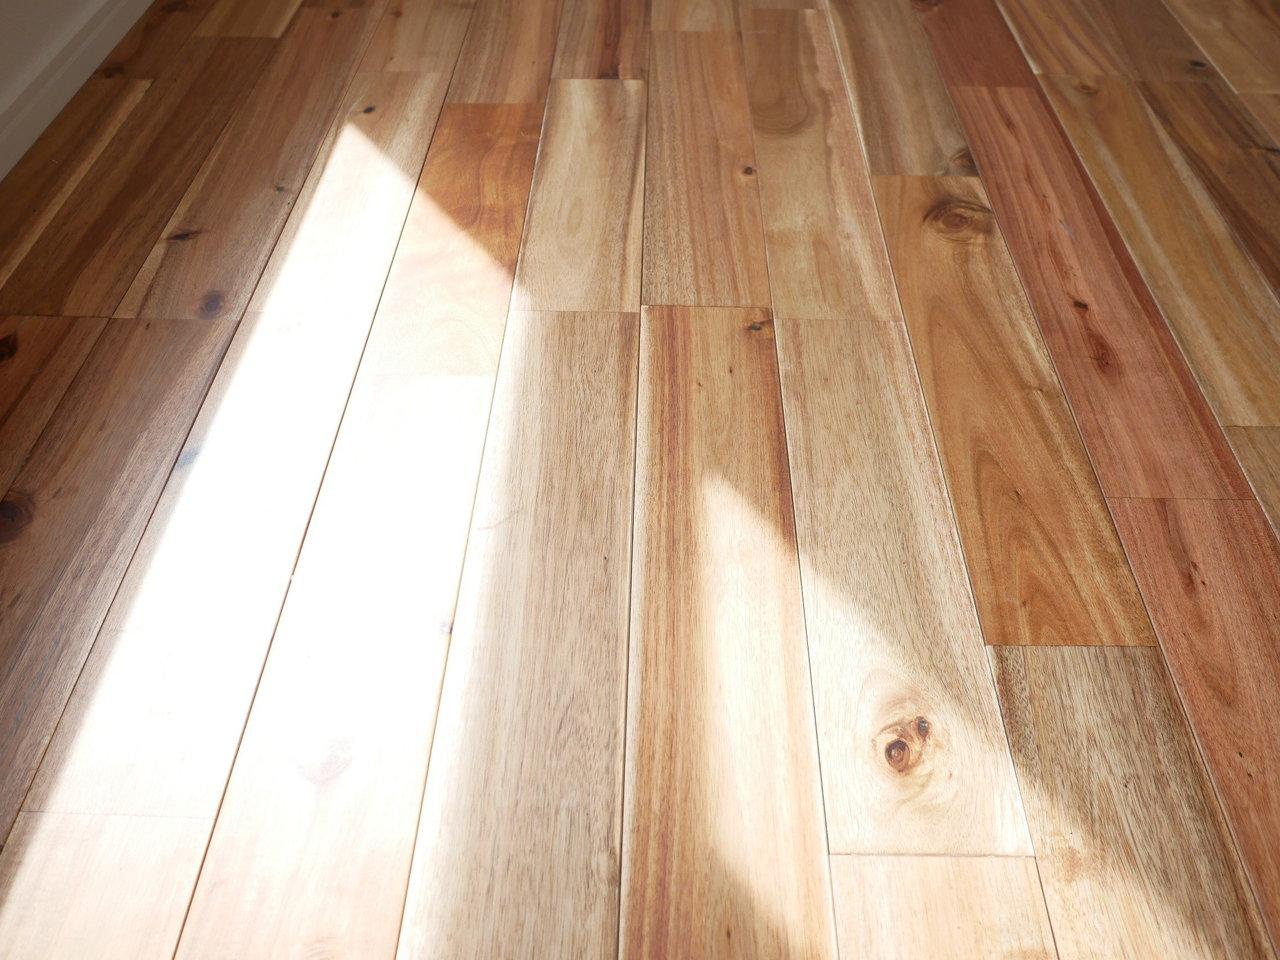 この部屋の推しポイントはなんといっても無垢床。ずっと素足で触れていたくなるほど、気持ちがいいんです。この良さは、無垢床物件に住んだことのある人にしかわからない…!